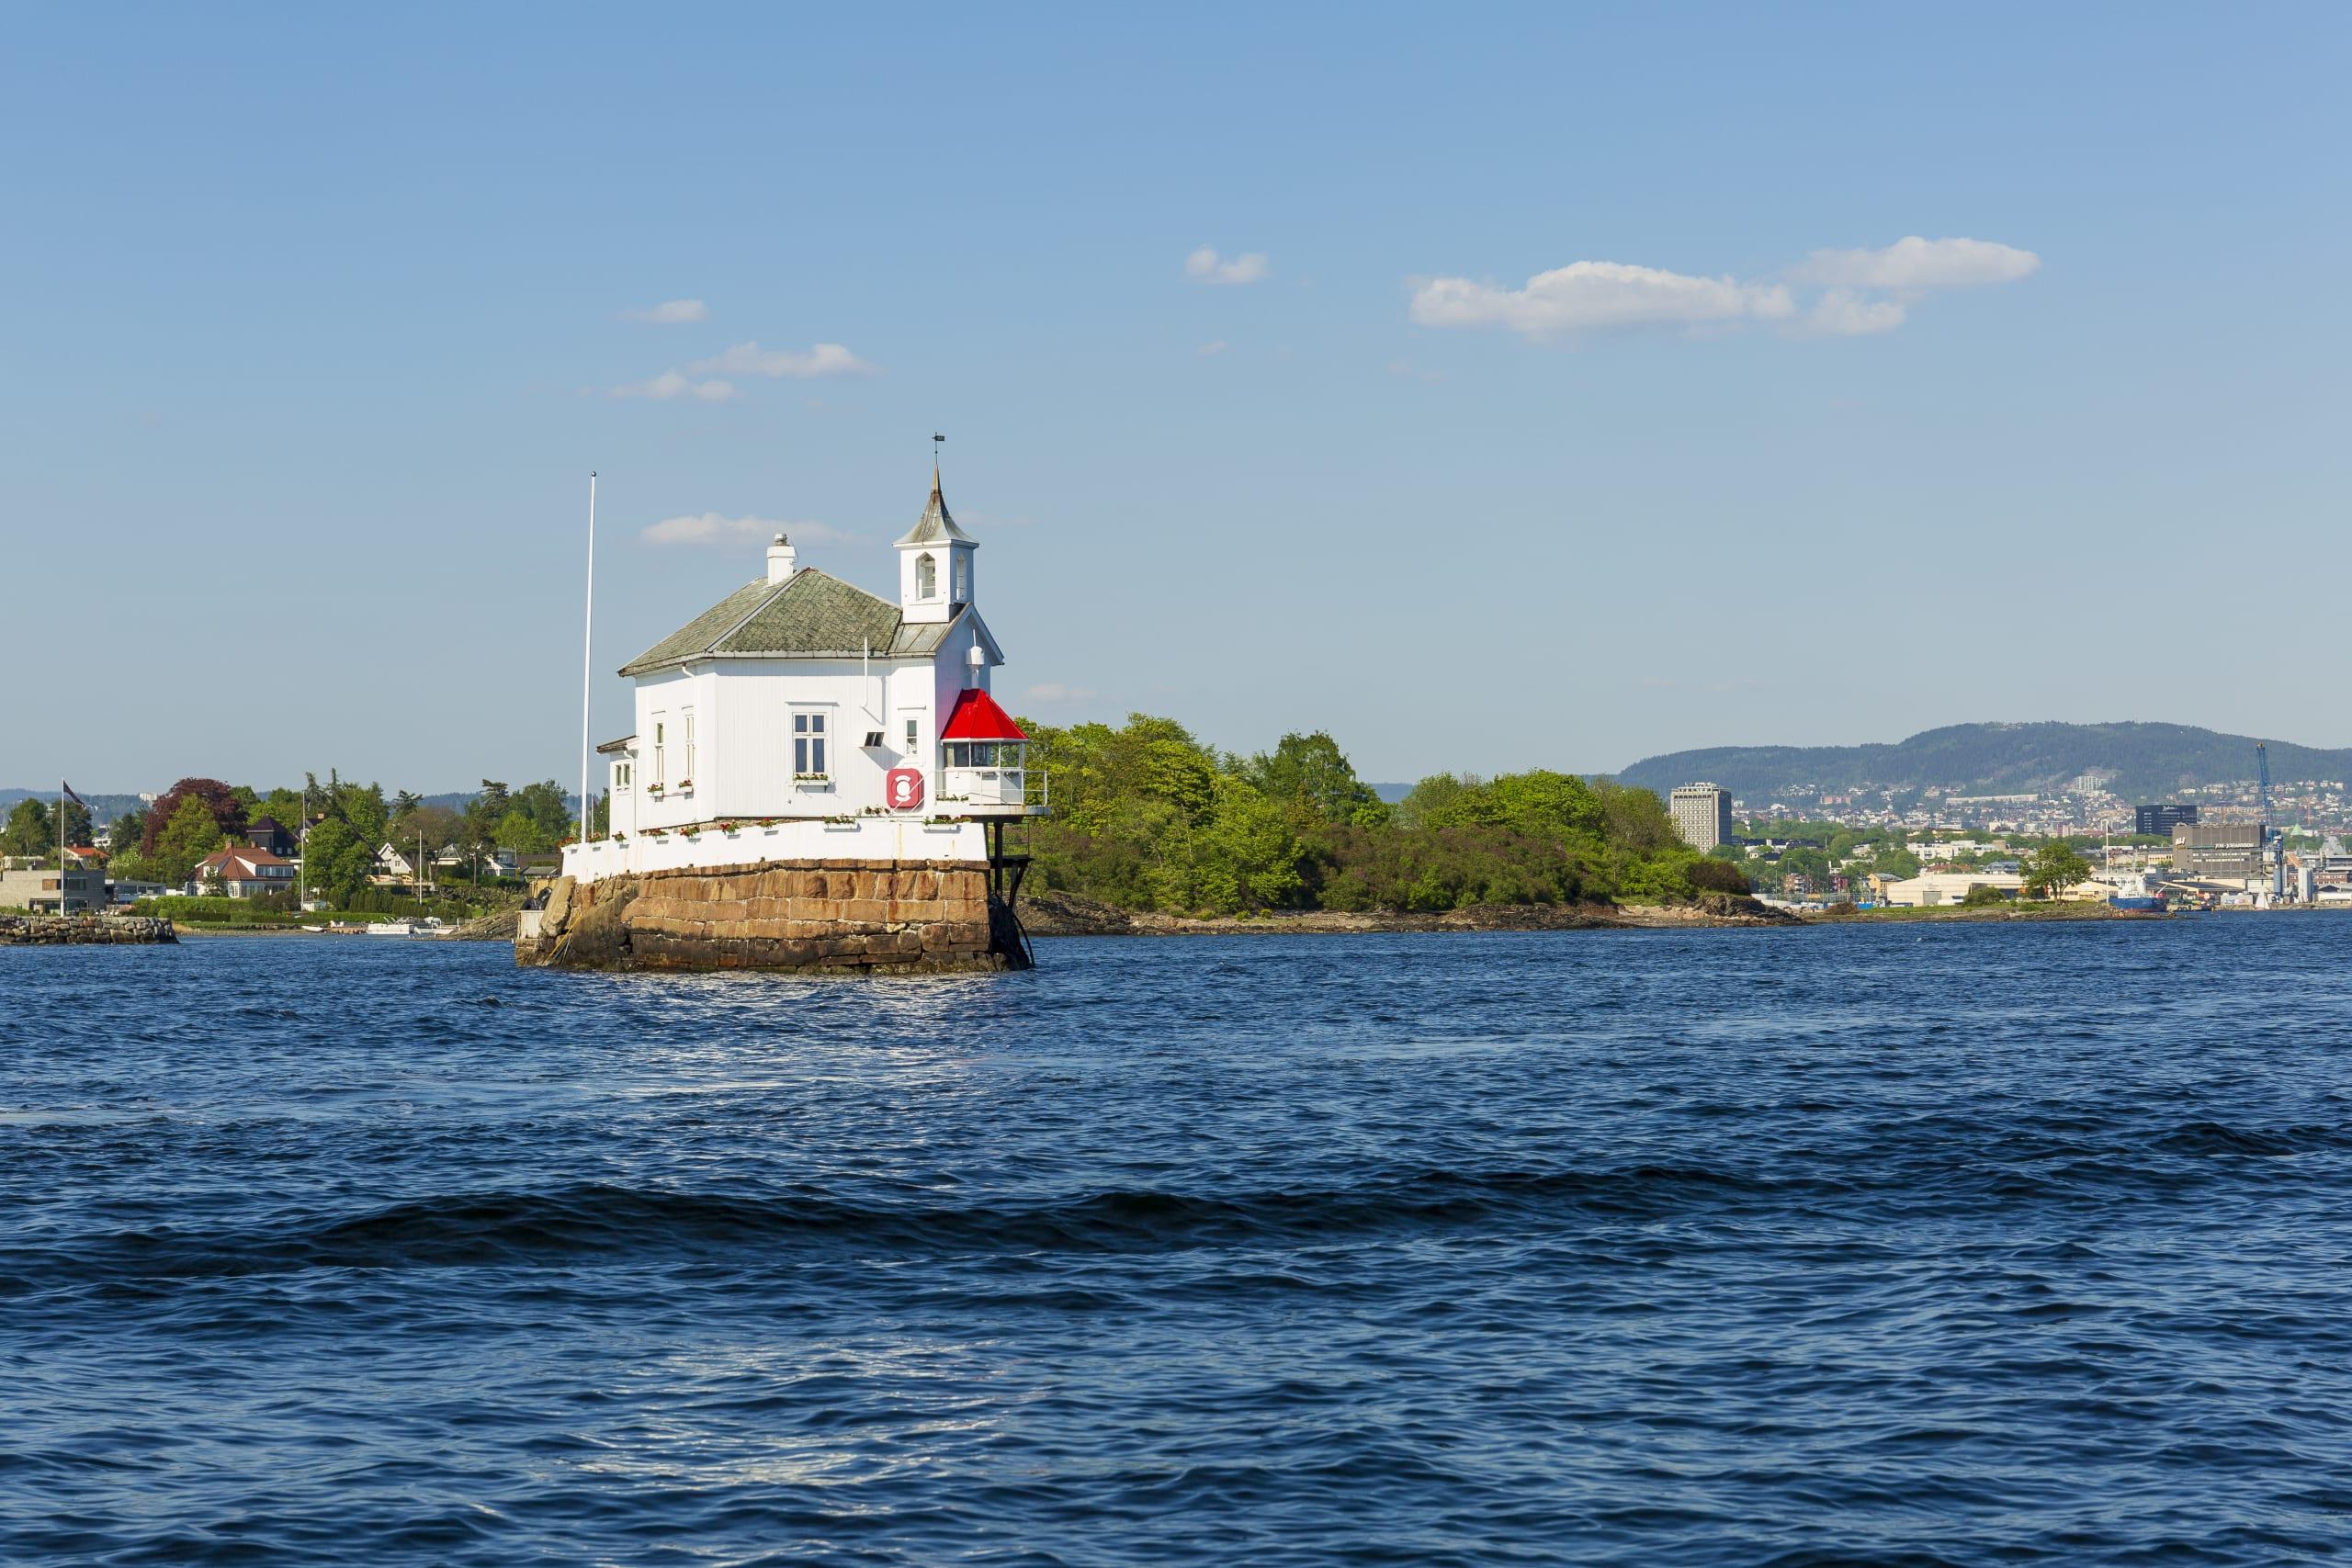 Dyna lighthouse on the coast of Oslo